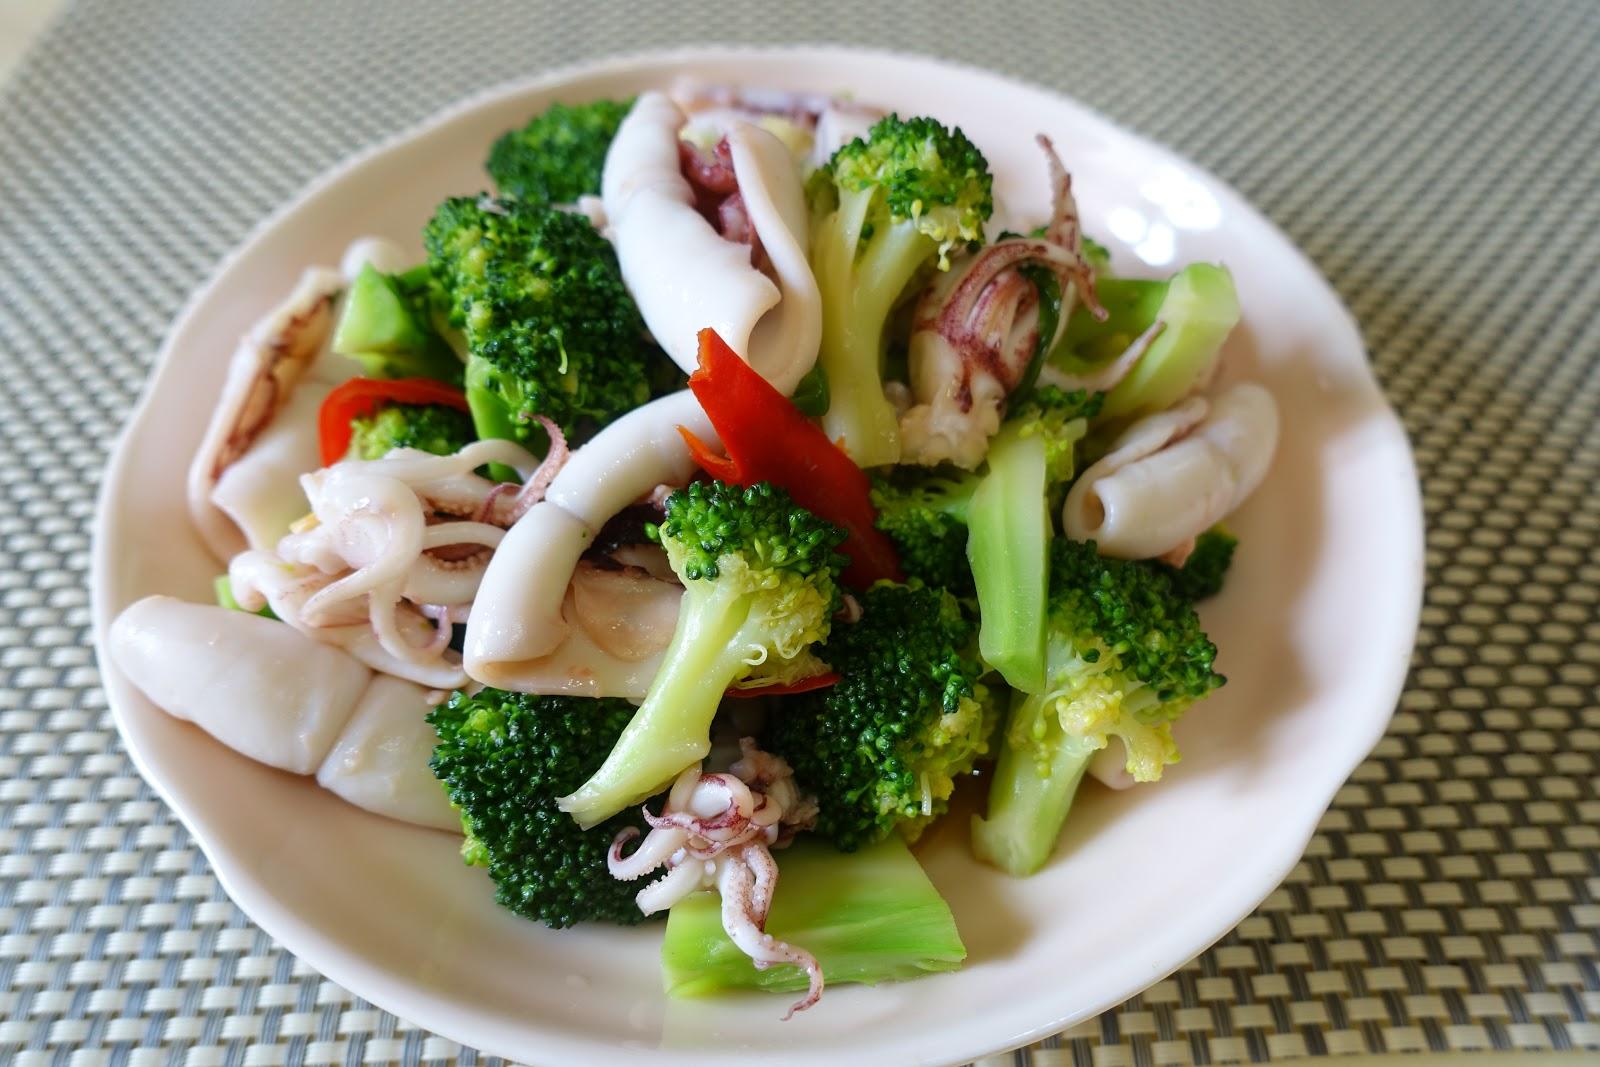 小安琪~ ~因為喜歡吃,想同大家分享些簡單,容易,方便,又味美之食譜 哈~ ~: 西蘭花炒鮮魷